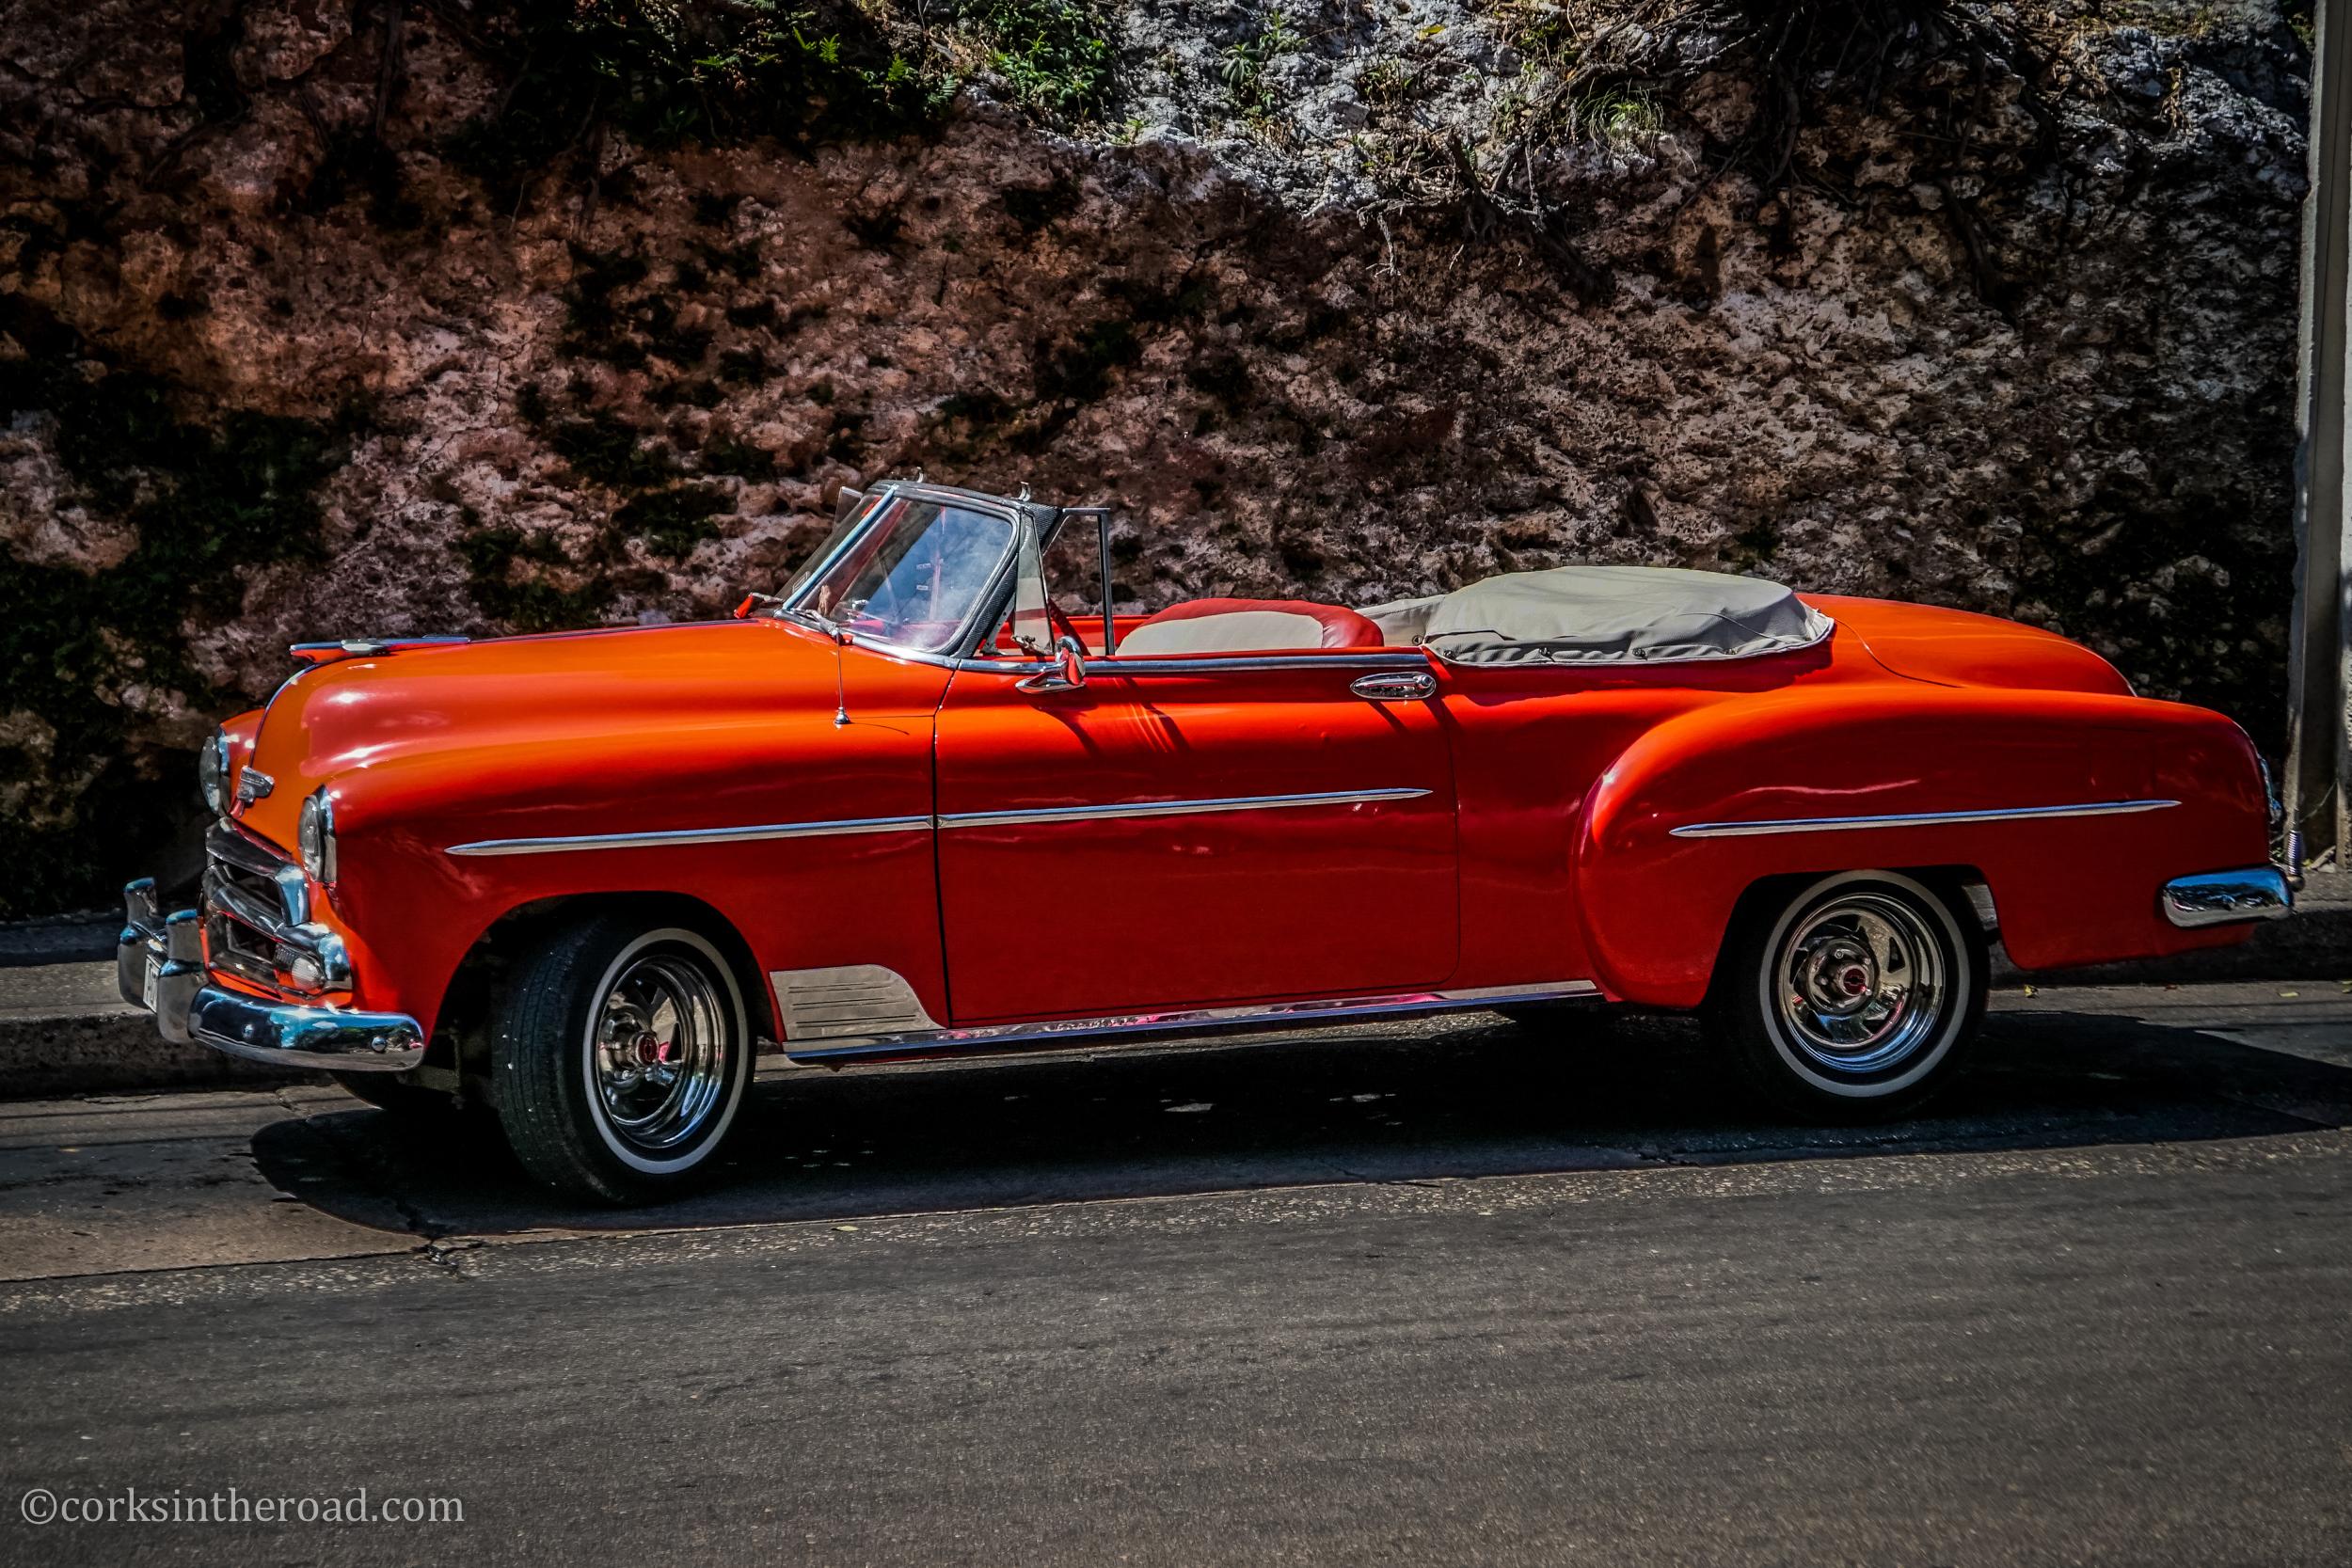 Cars, Corksintheroad, Cuba, Havana-2.jpg